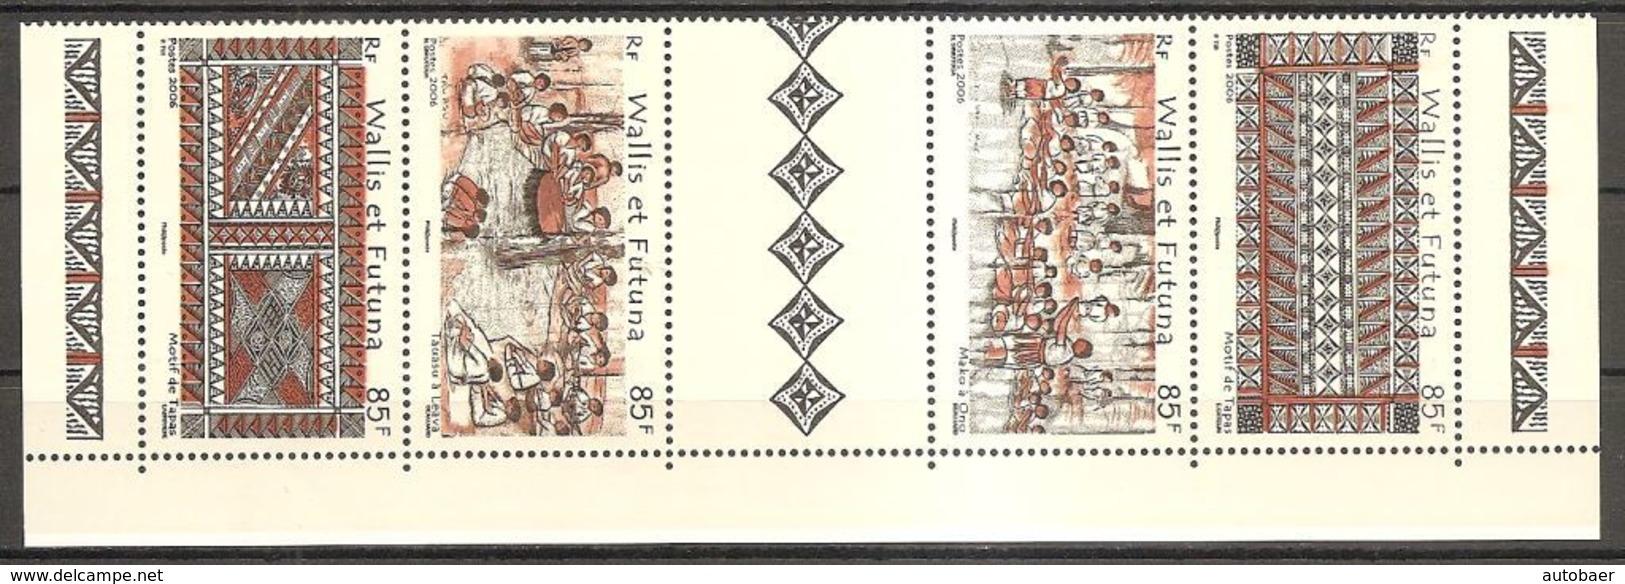 Wallis Und Et Futuna 2006 Tapa Kunst Michel No. 938-41Z Se Tenant Avec Vignette MNH Postfrisch Neuf - Wallis Und Futuna